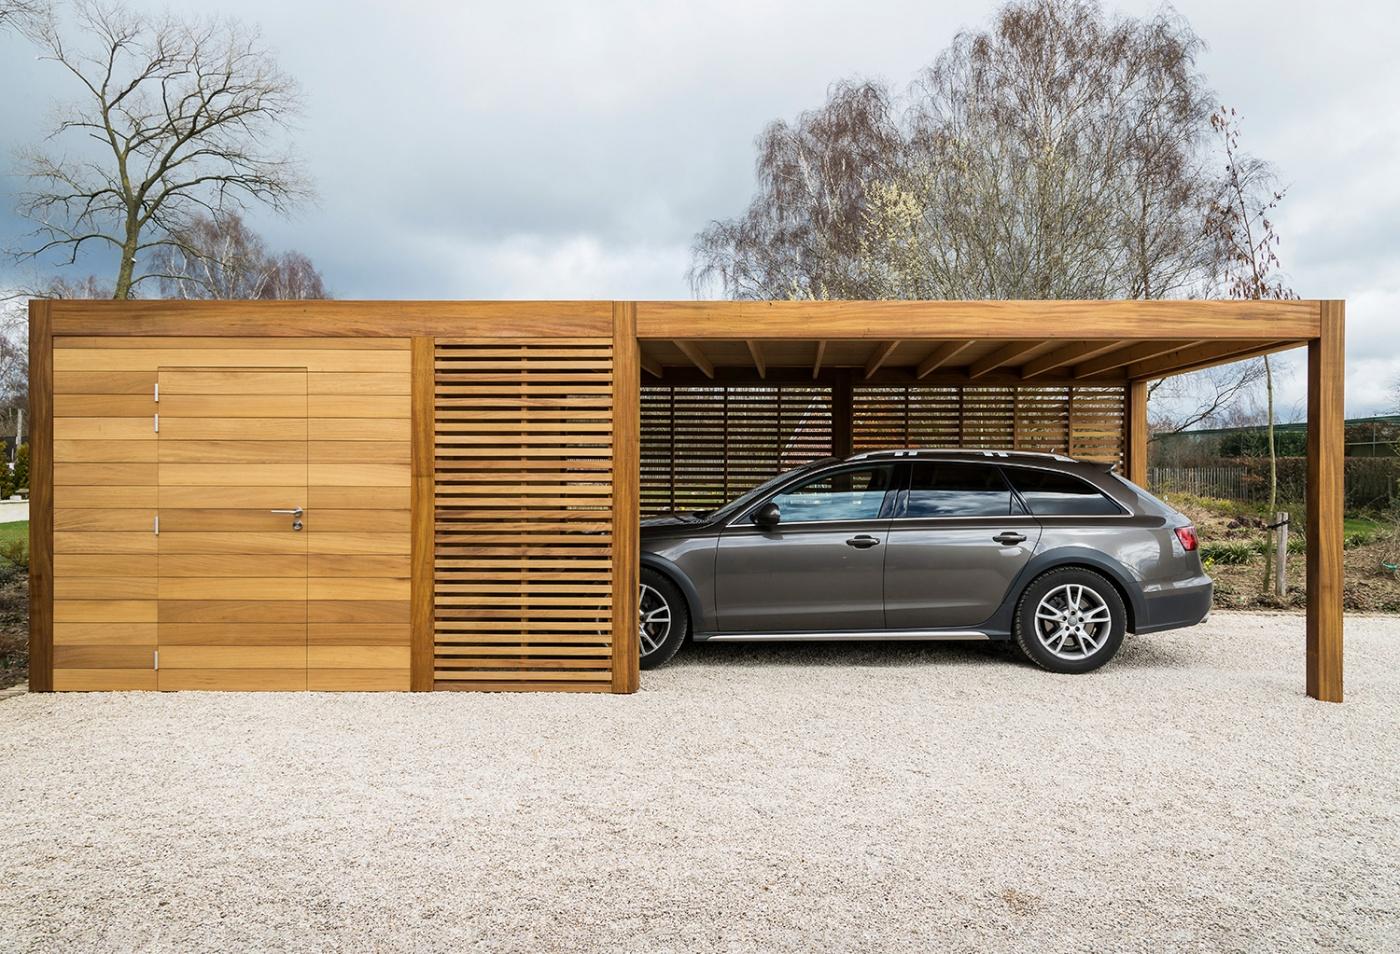 Carports & garages plaatsen | carports & garages offerte | West-Vlaanderen